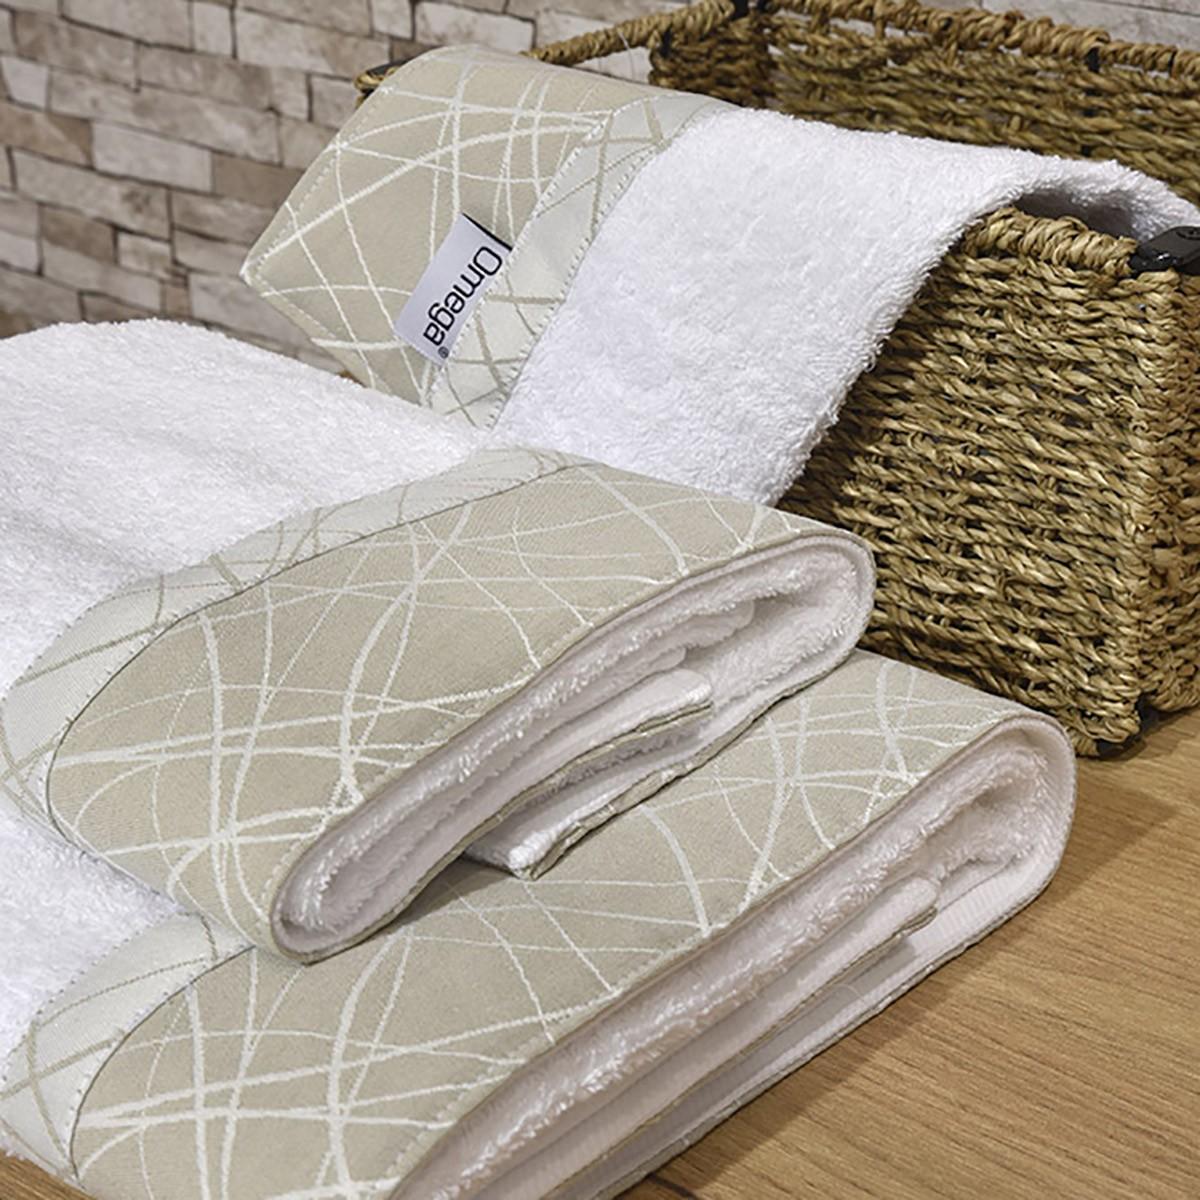 Πετσέτες Μπάνιου (Σετ 3τμχ) Omega Home Des 127